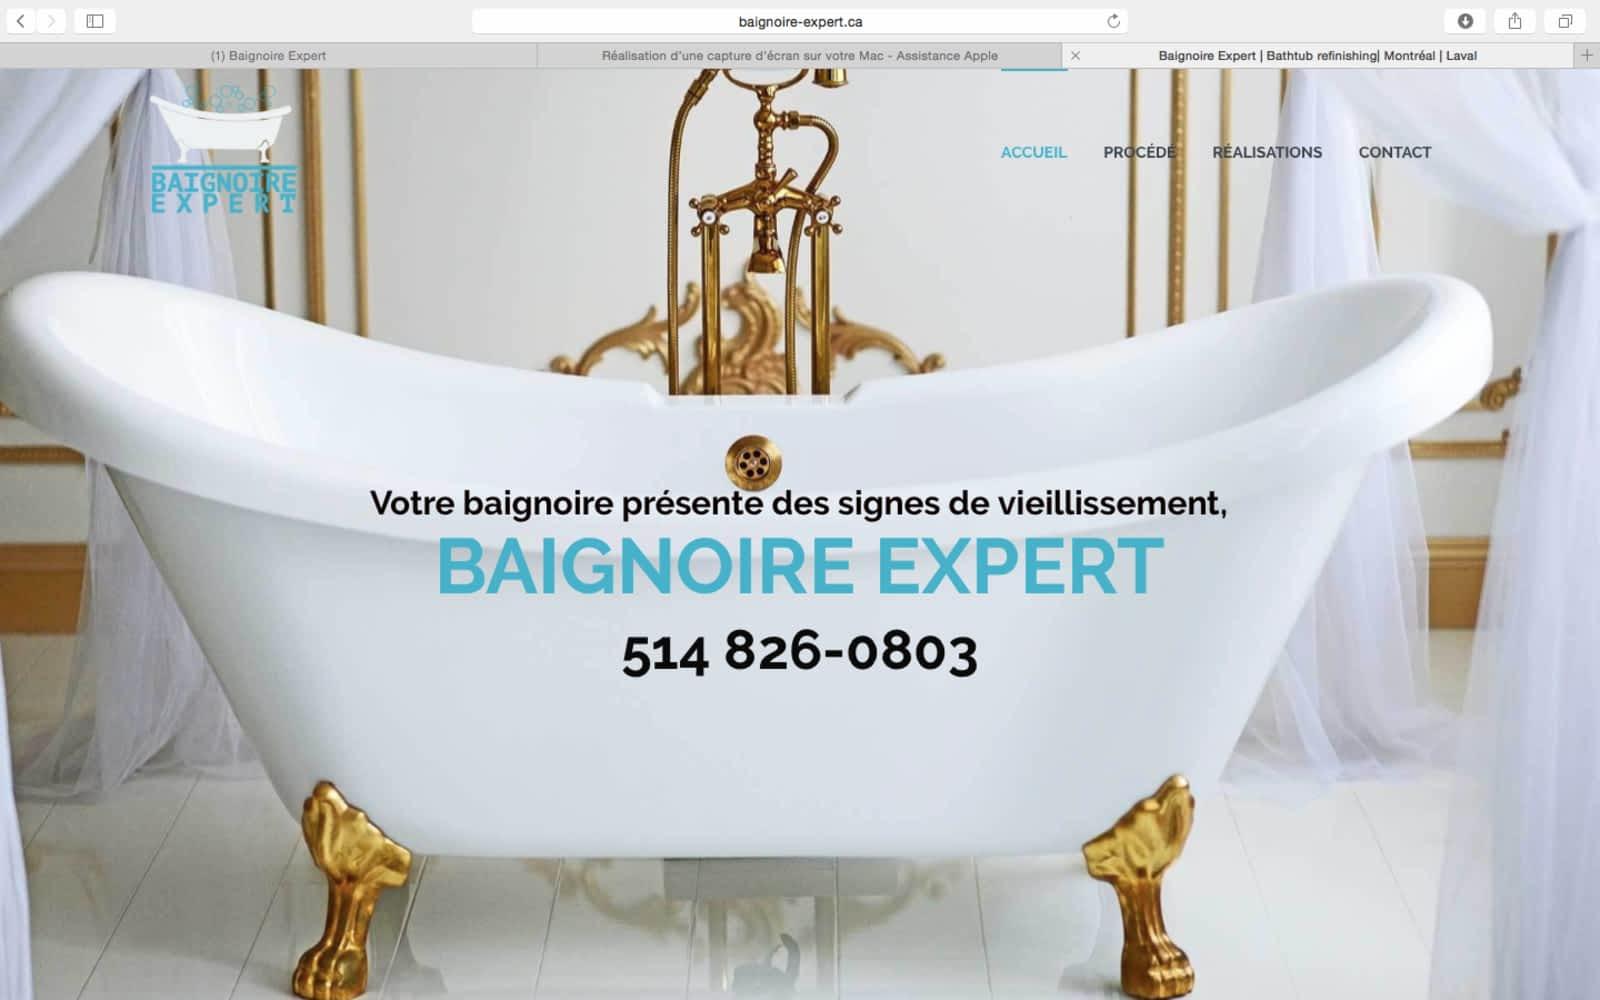 peinture pour email baignoire remerciements a la sociactac peinture pour email baignoire. Black Bedroom Furniture Sets. Home Design Ideas